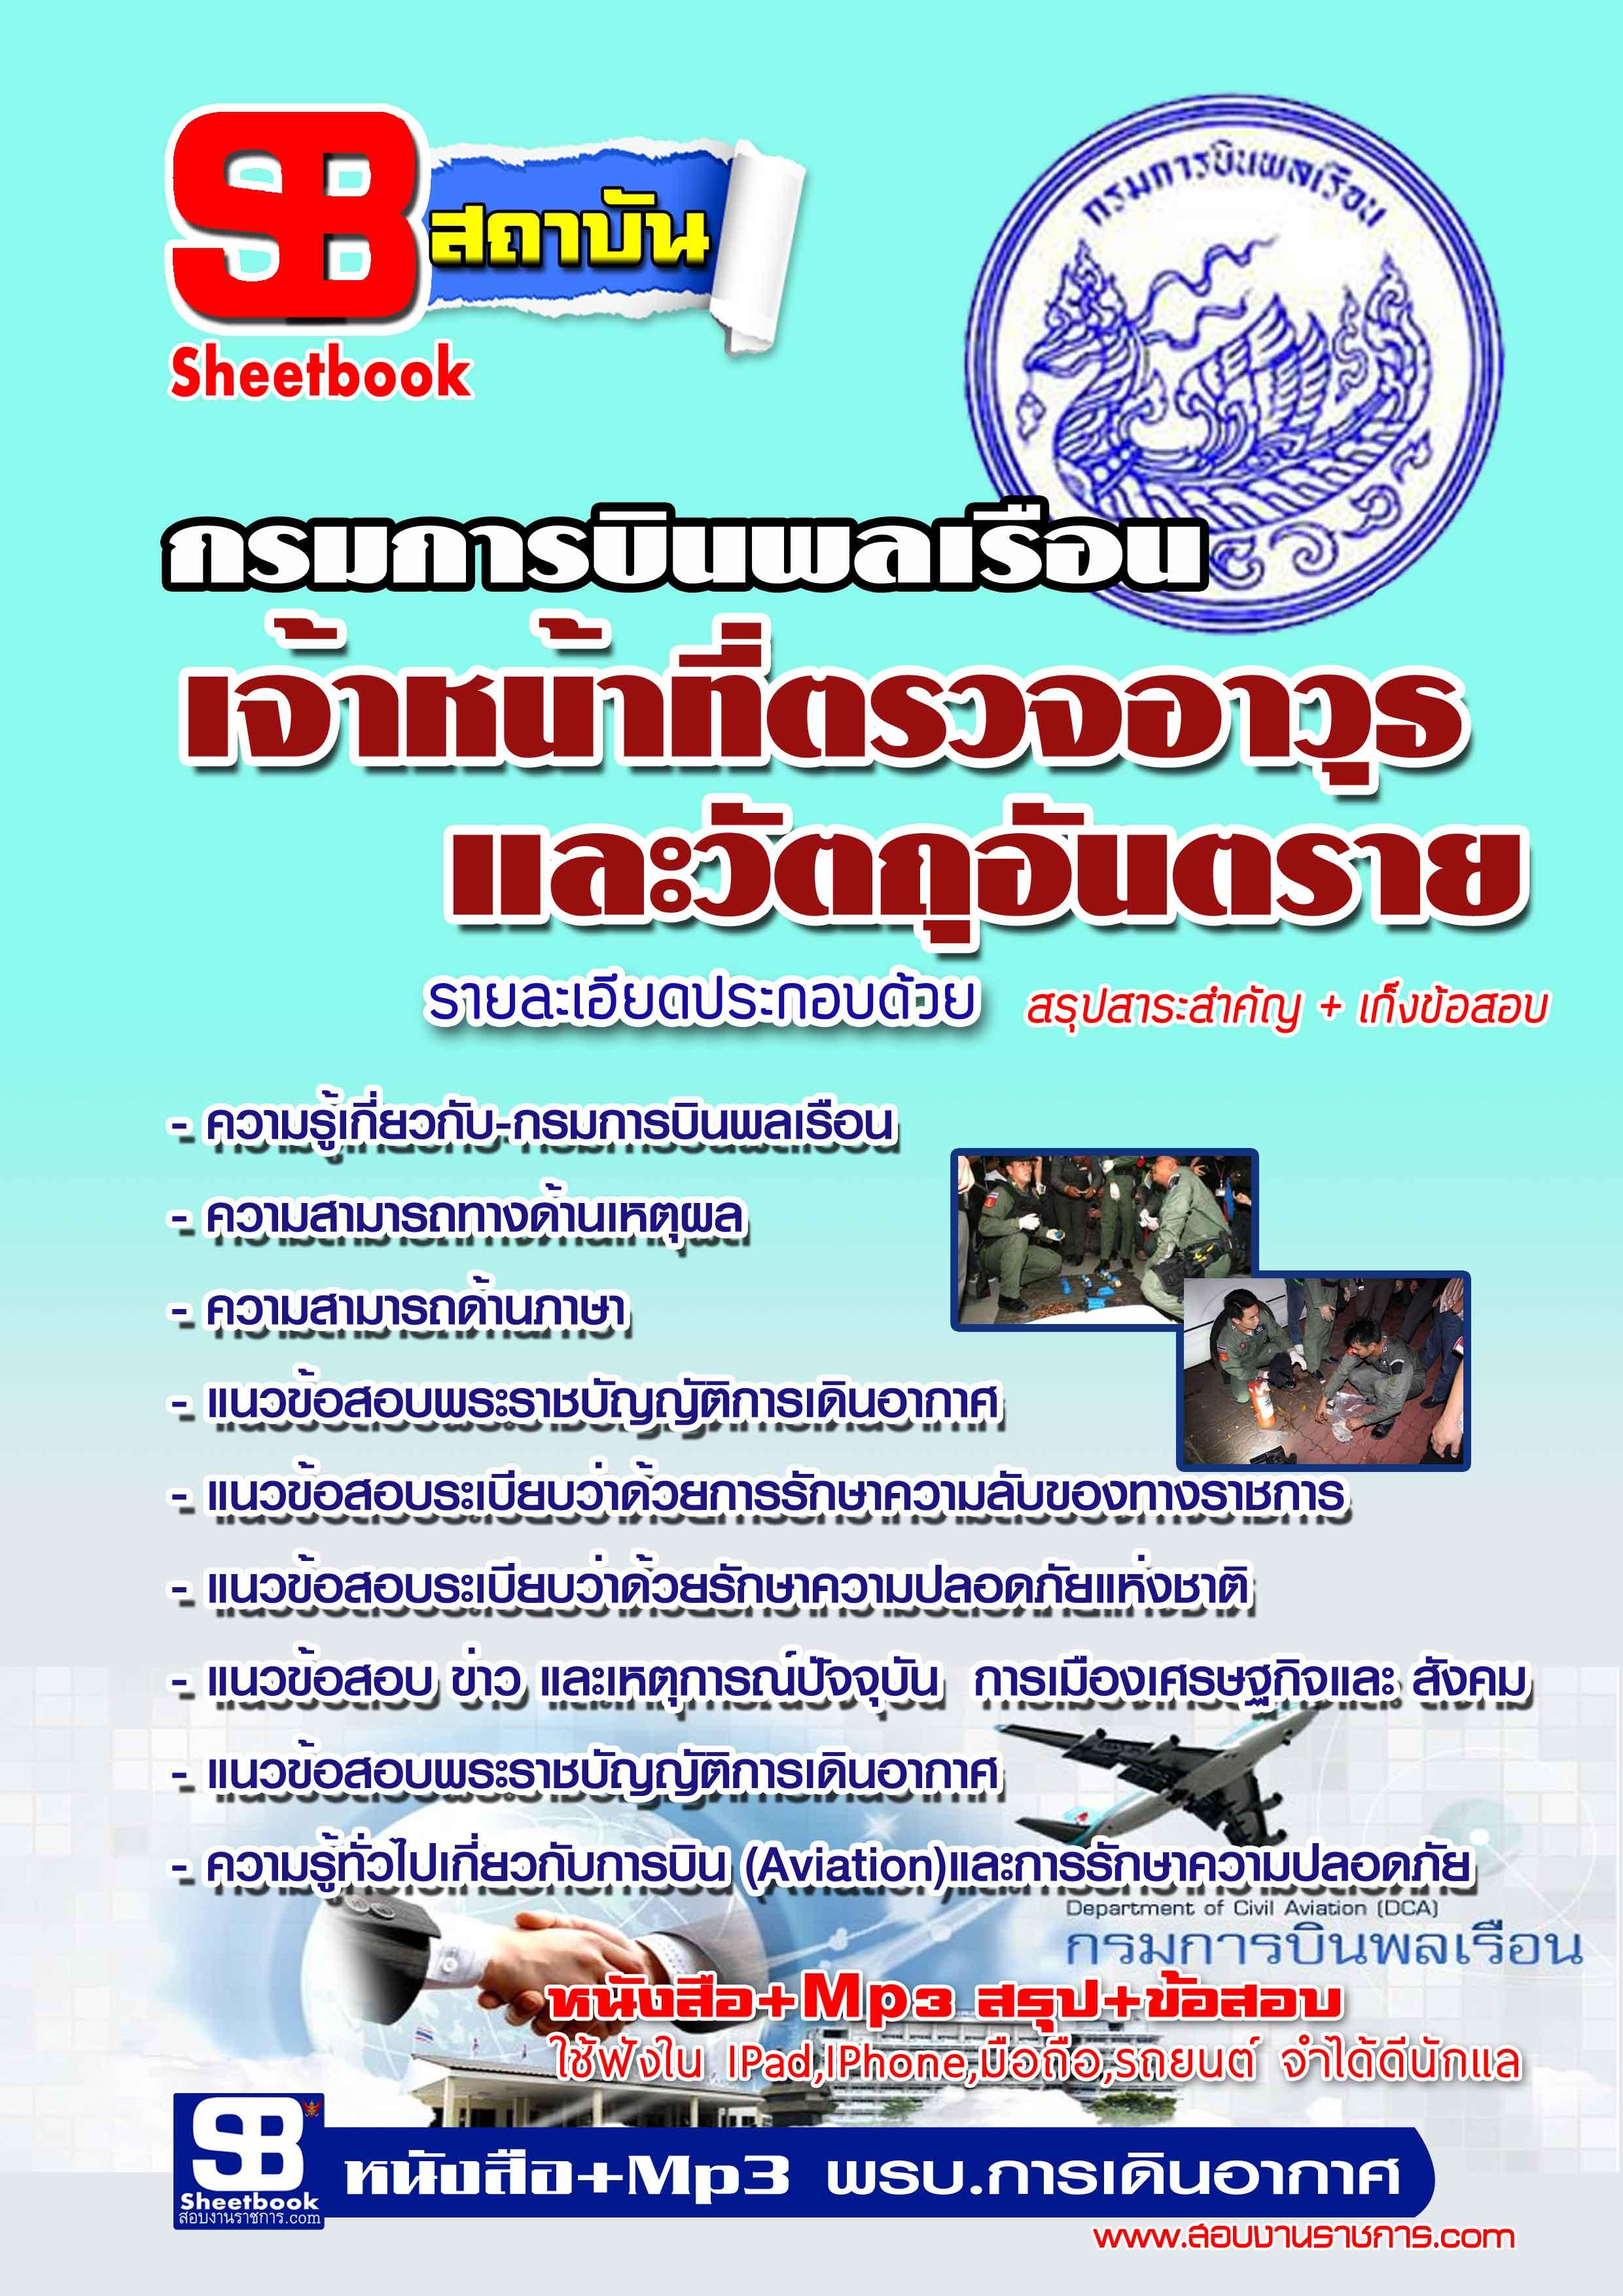 แนวข้อสอบ สอบเจ้าหน้าที่ตรวจอาวุธและวัตถุอันตราย กรมการบินพลเรือน